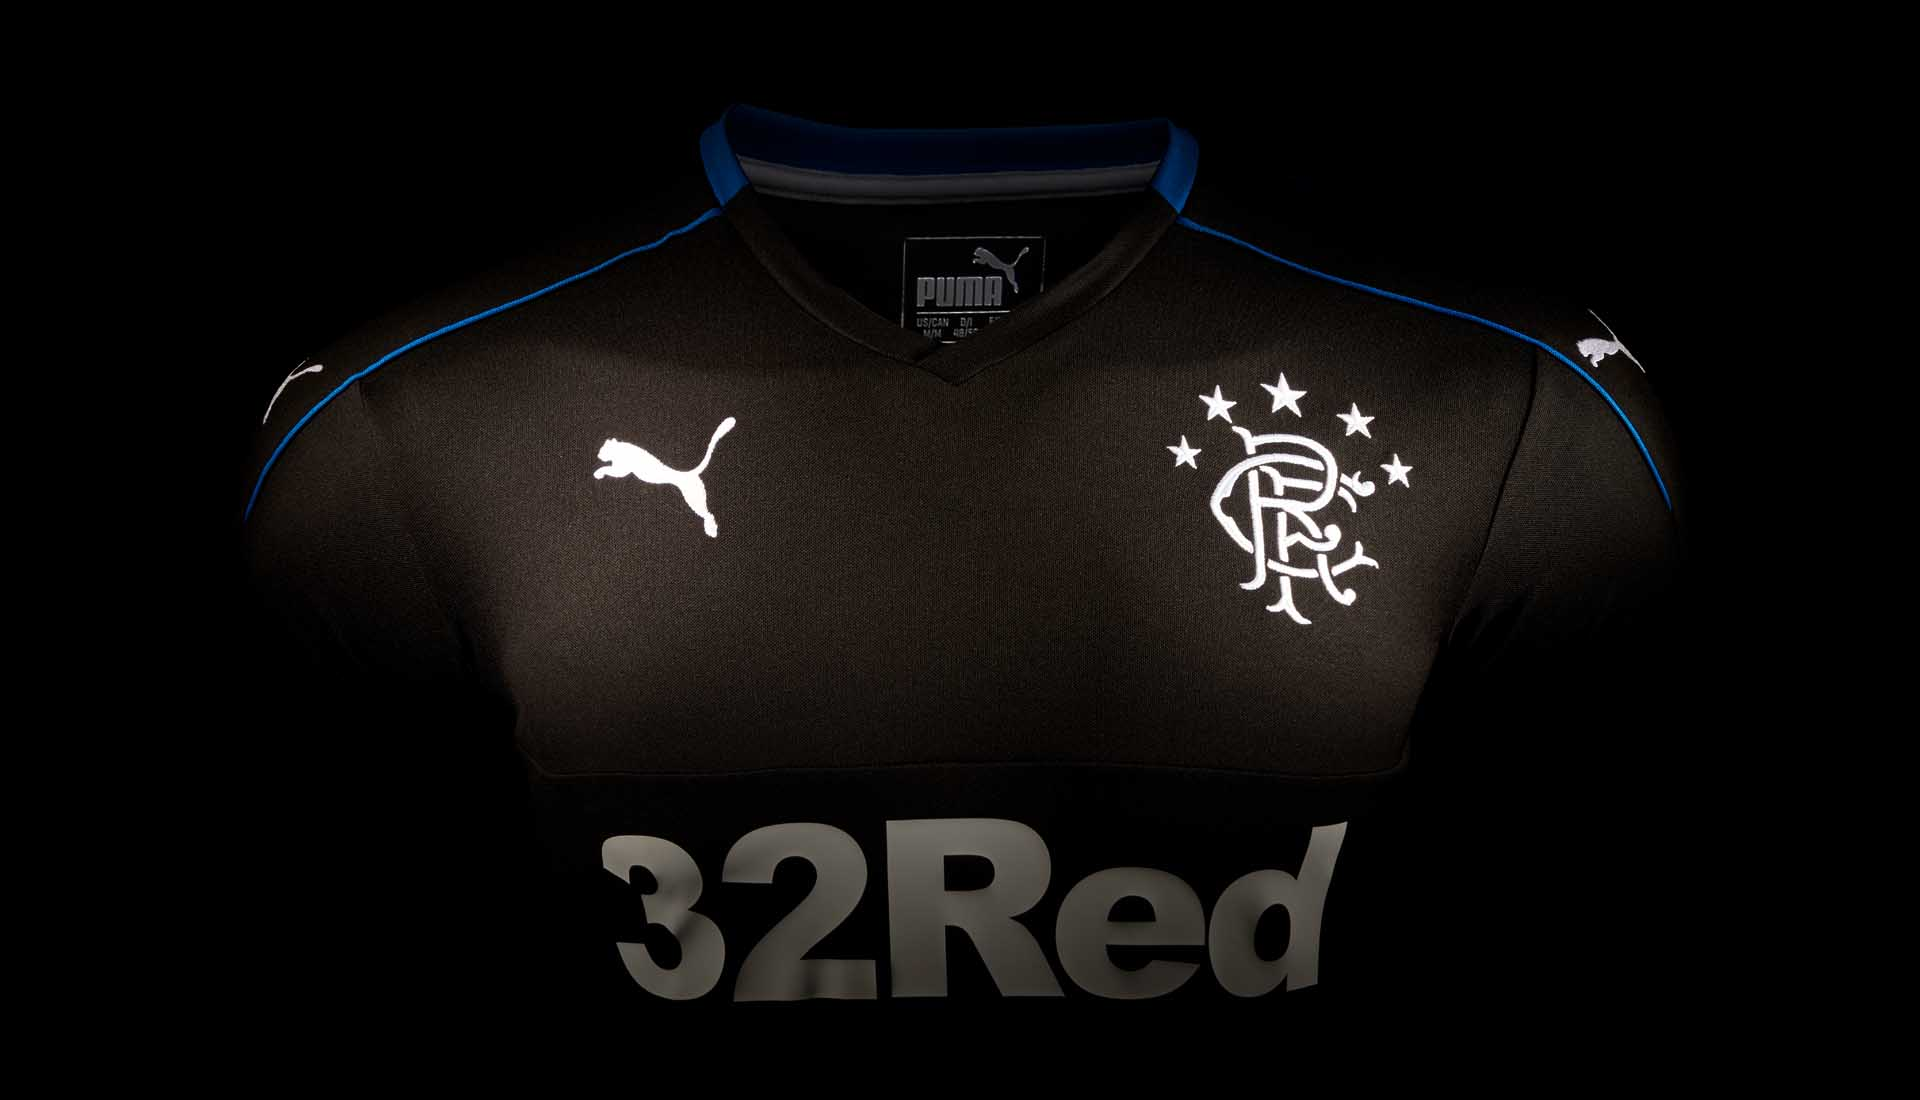 rangers-third-shirt-3-min.jpg